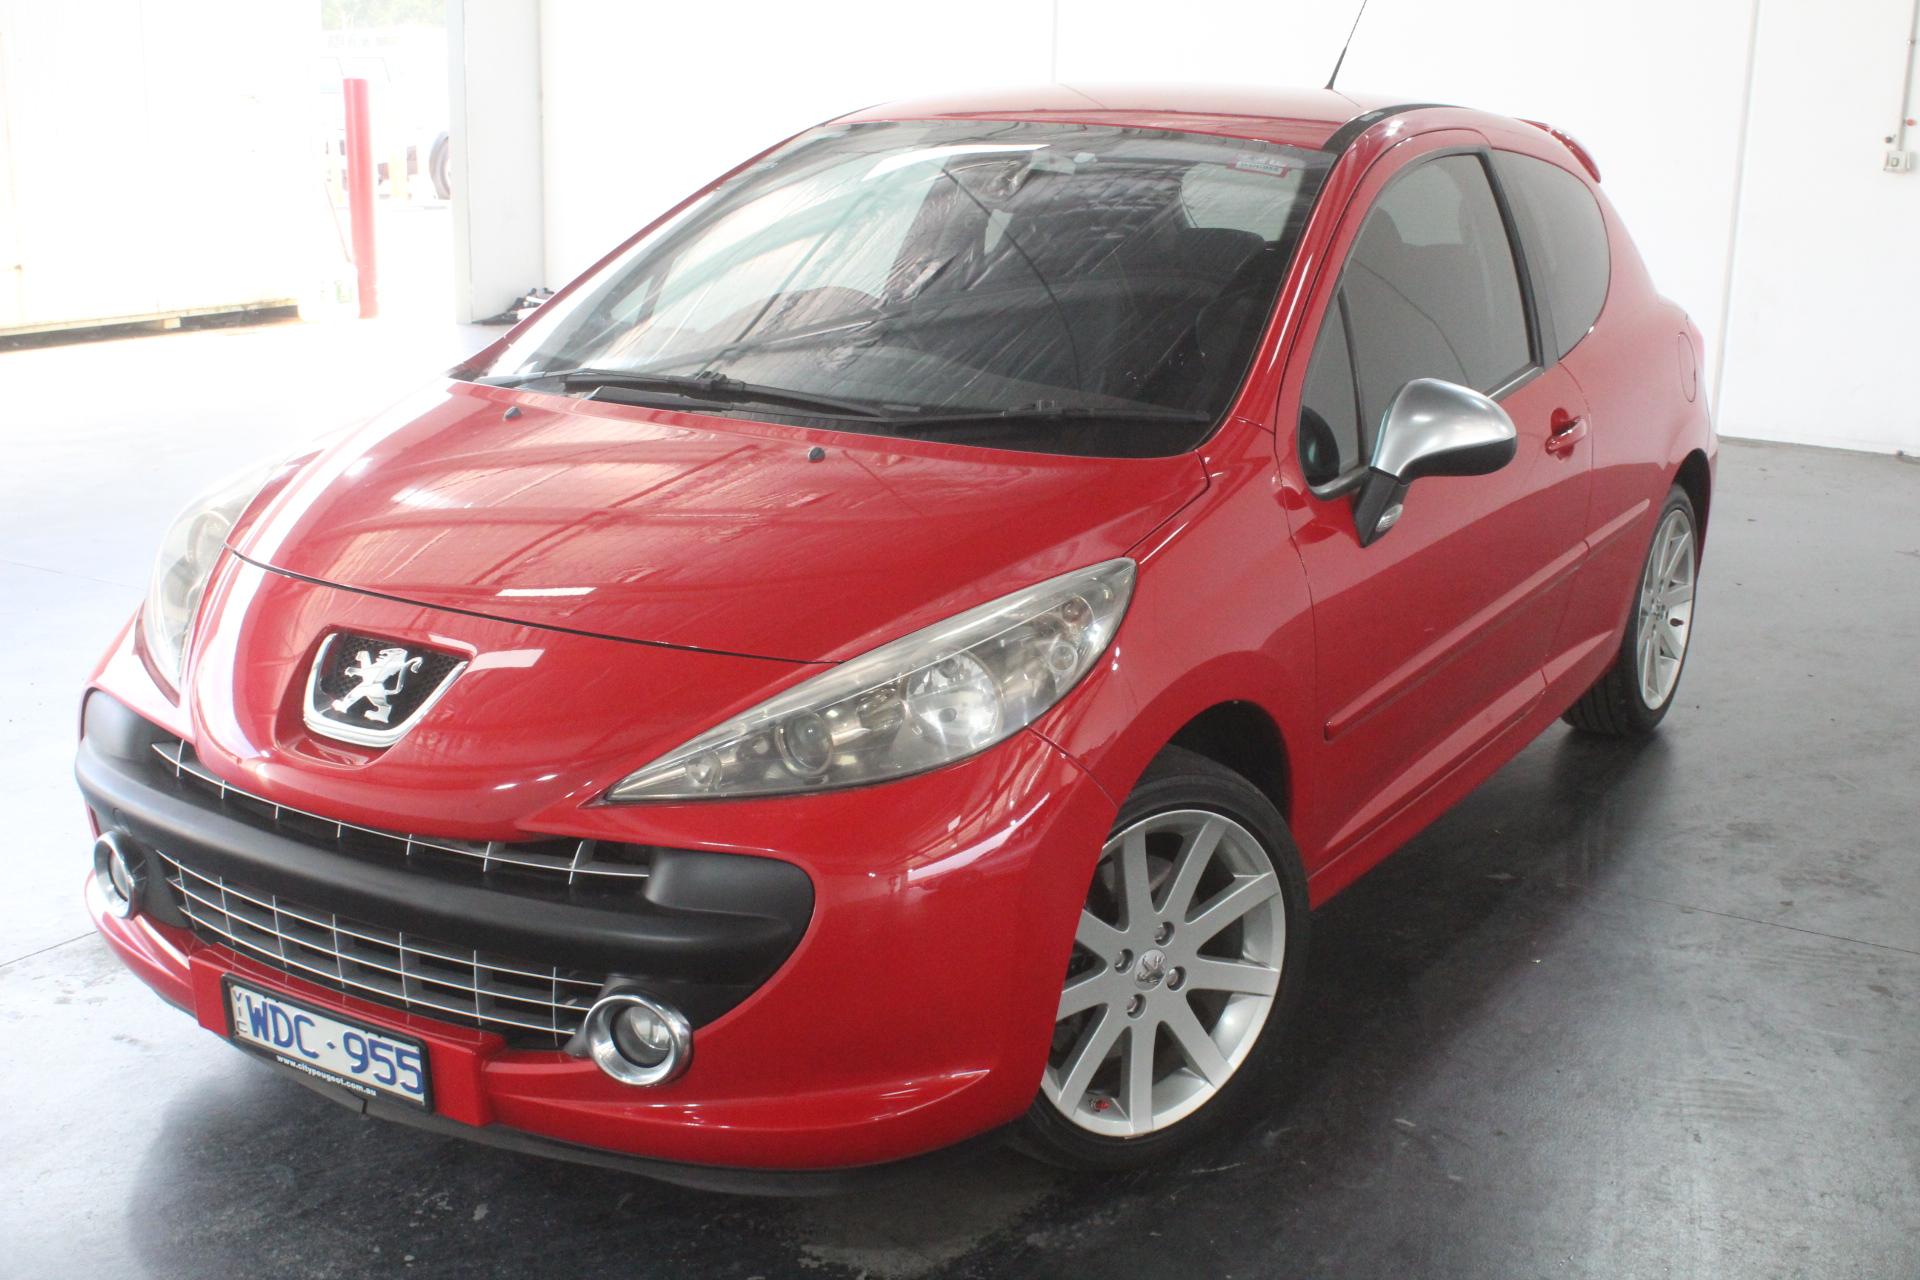 2007 Peugeot 207 GTI Manual Hatchback